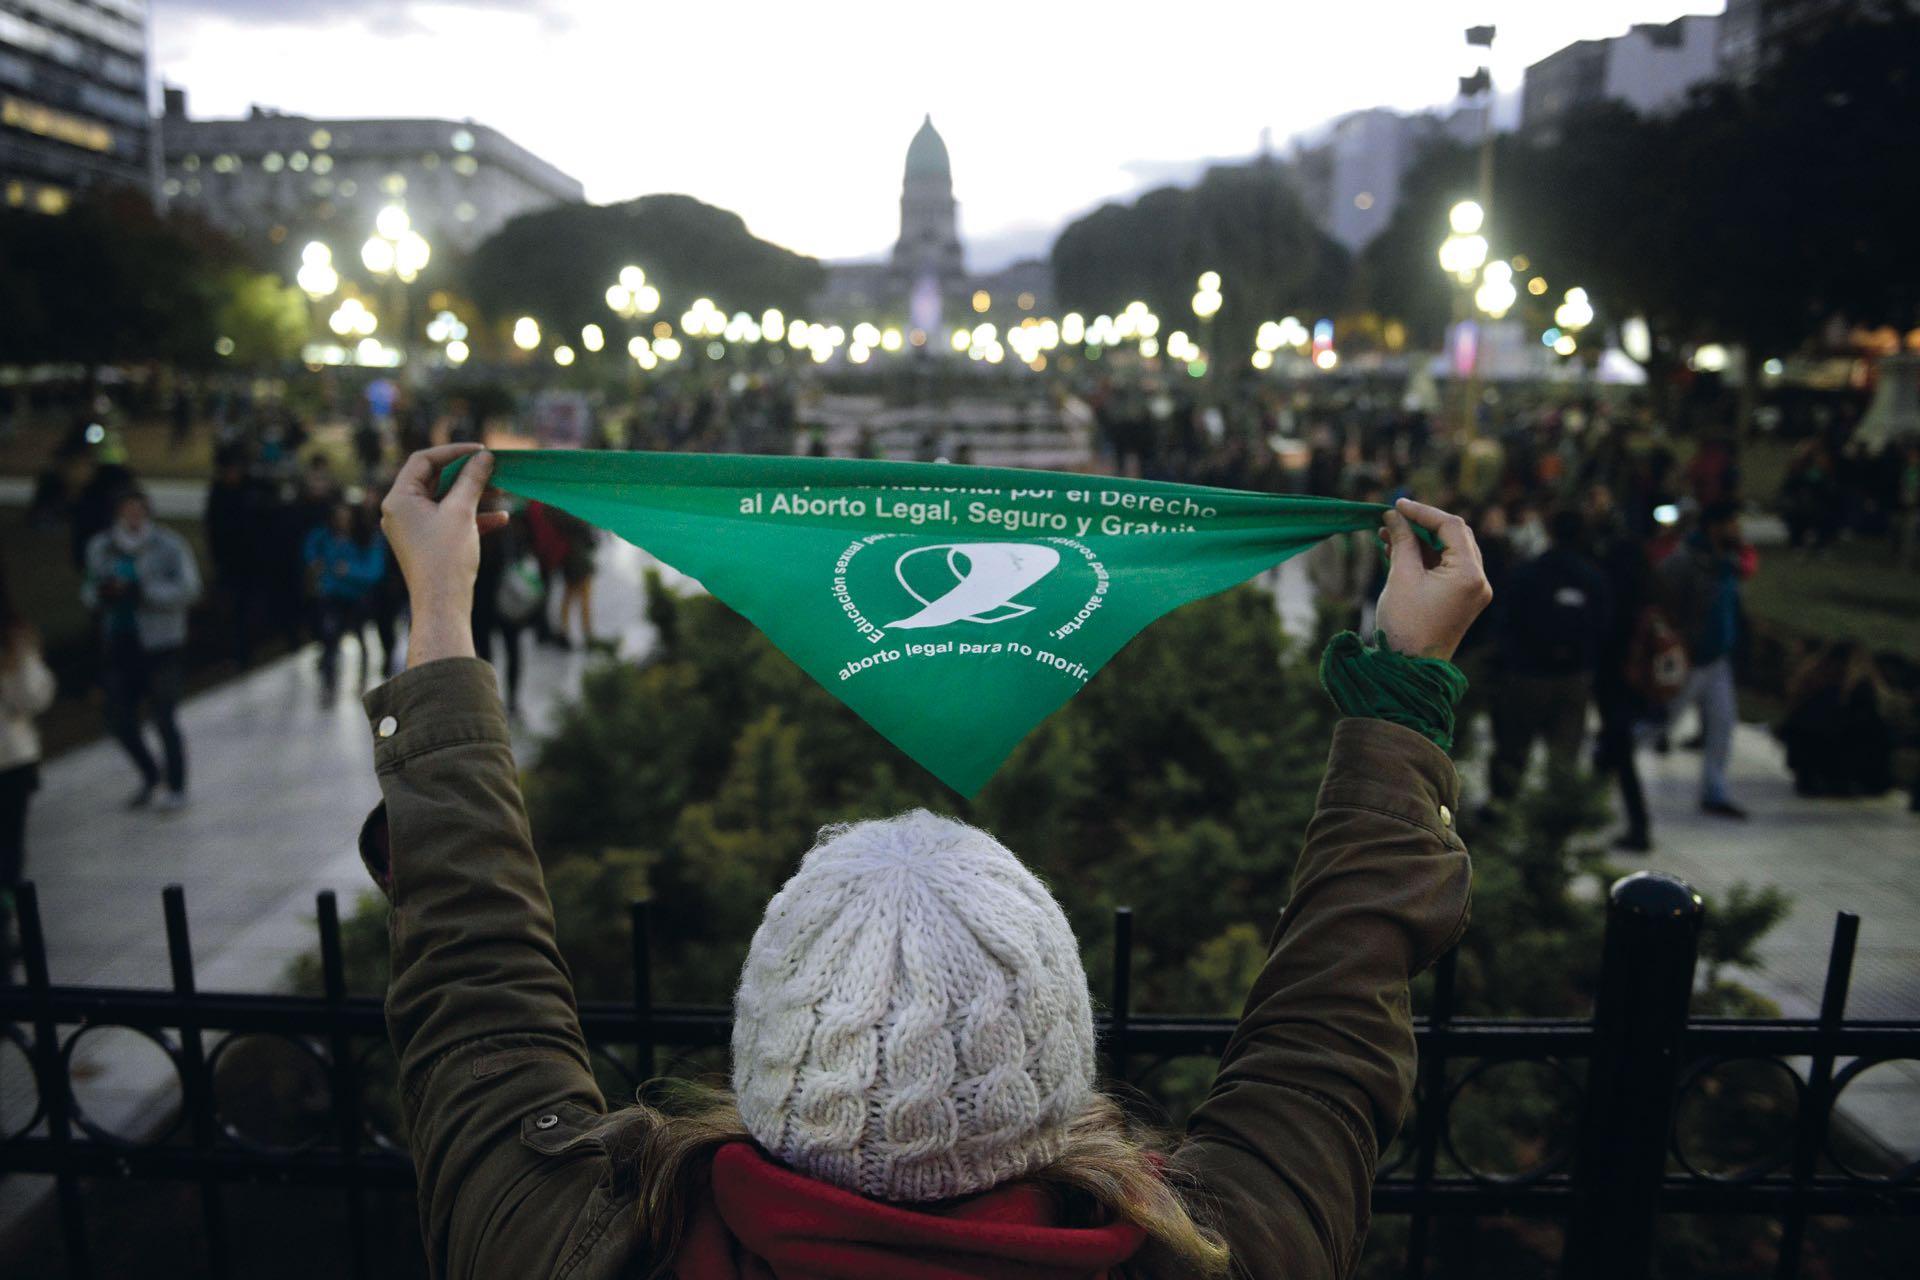 El debate en el Congreso por el Proyecto de Despenalización del Aborto fue uno de los temas que más interés despertaron entre los argentinos.